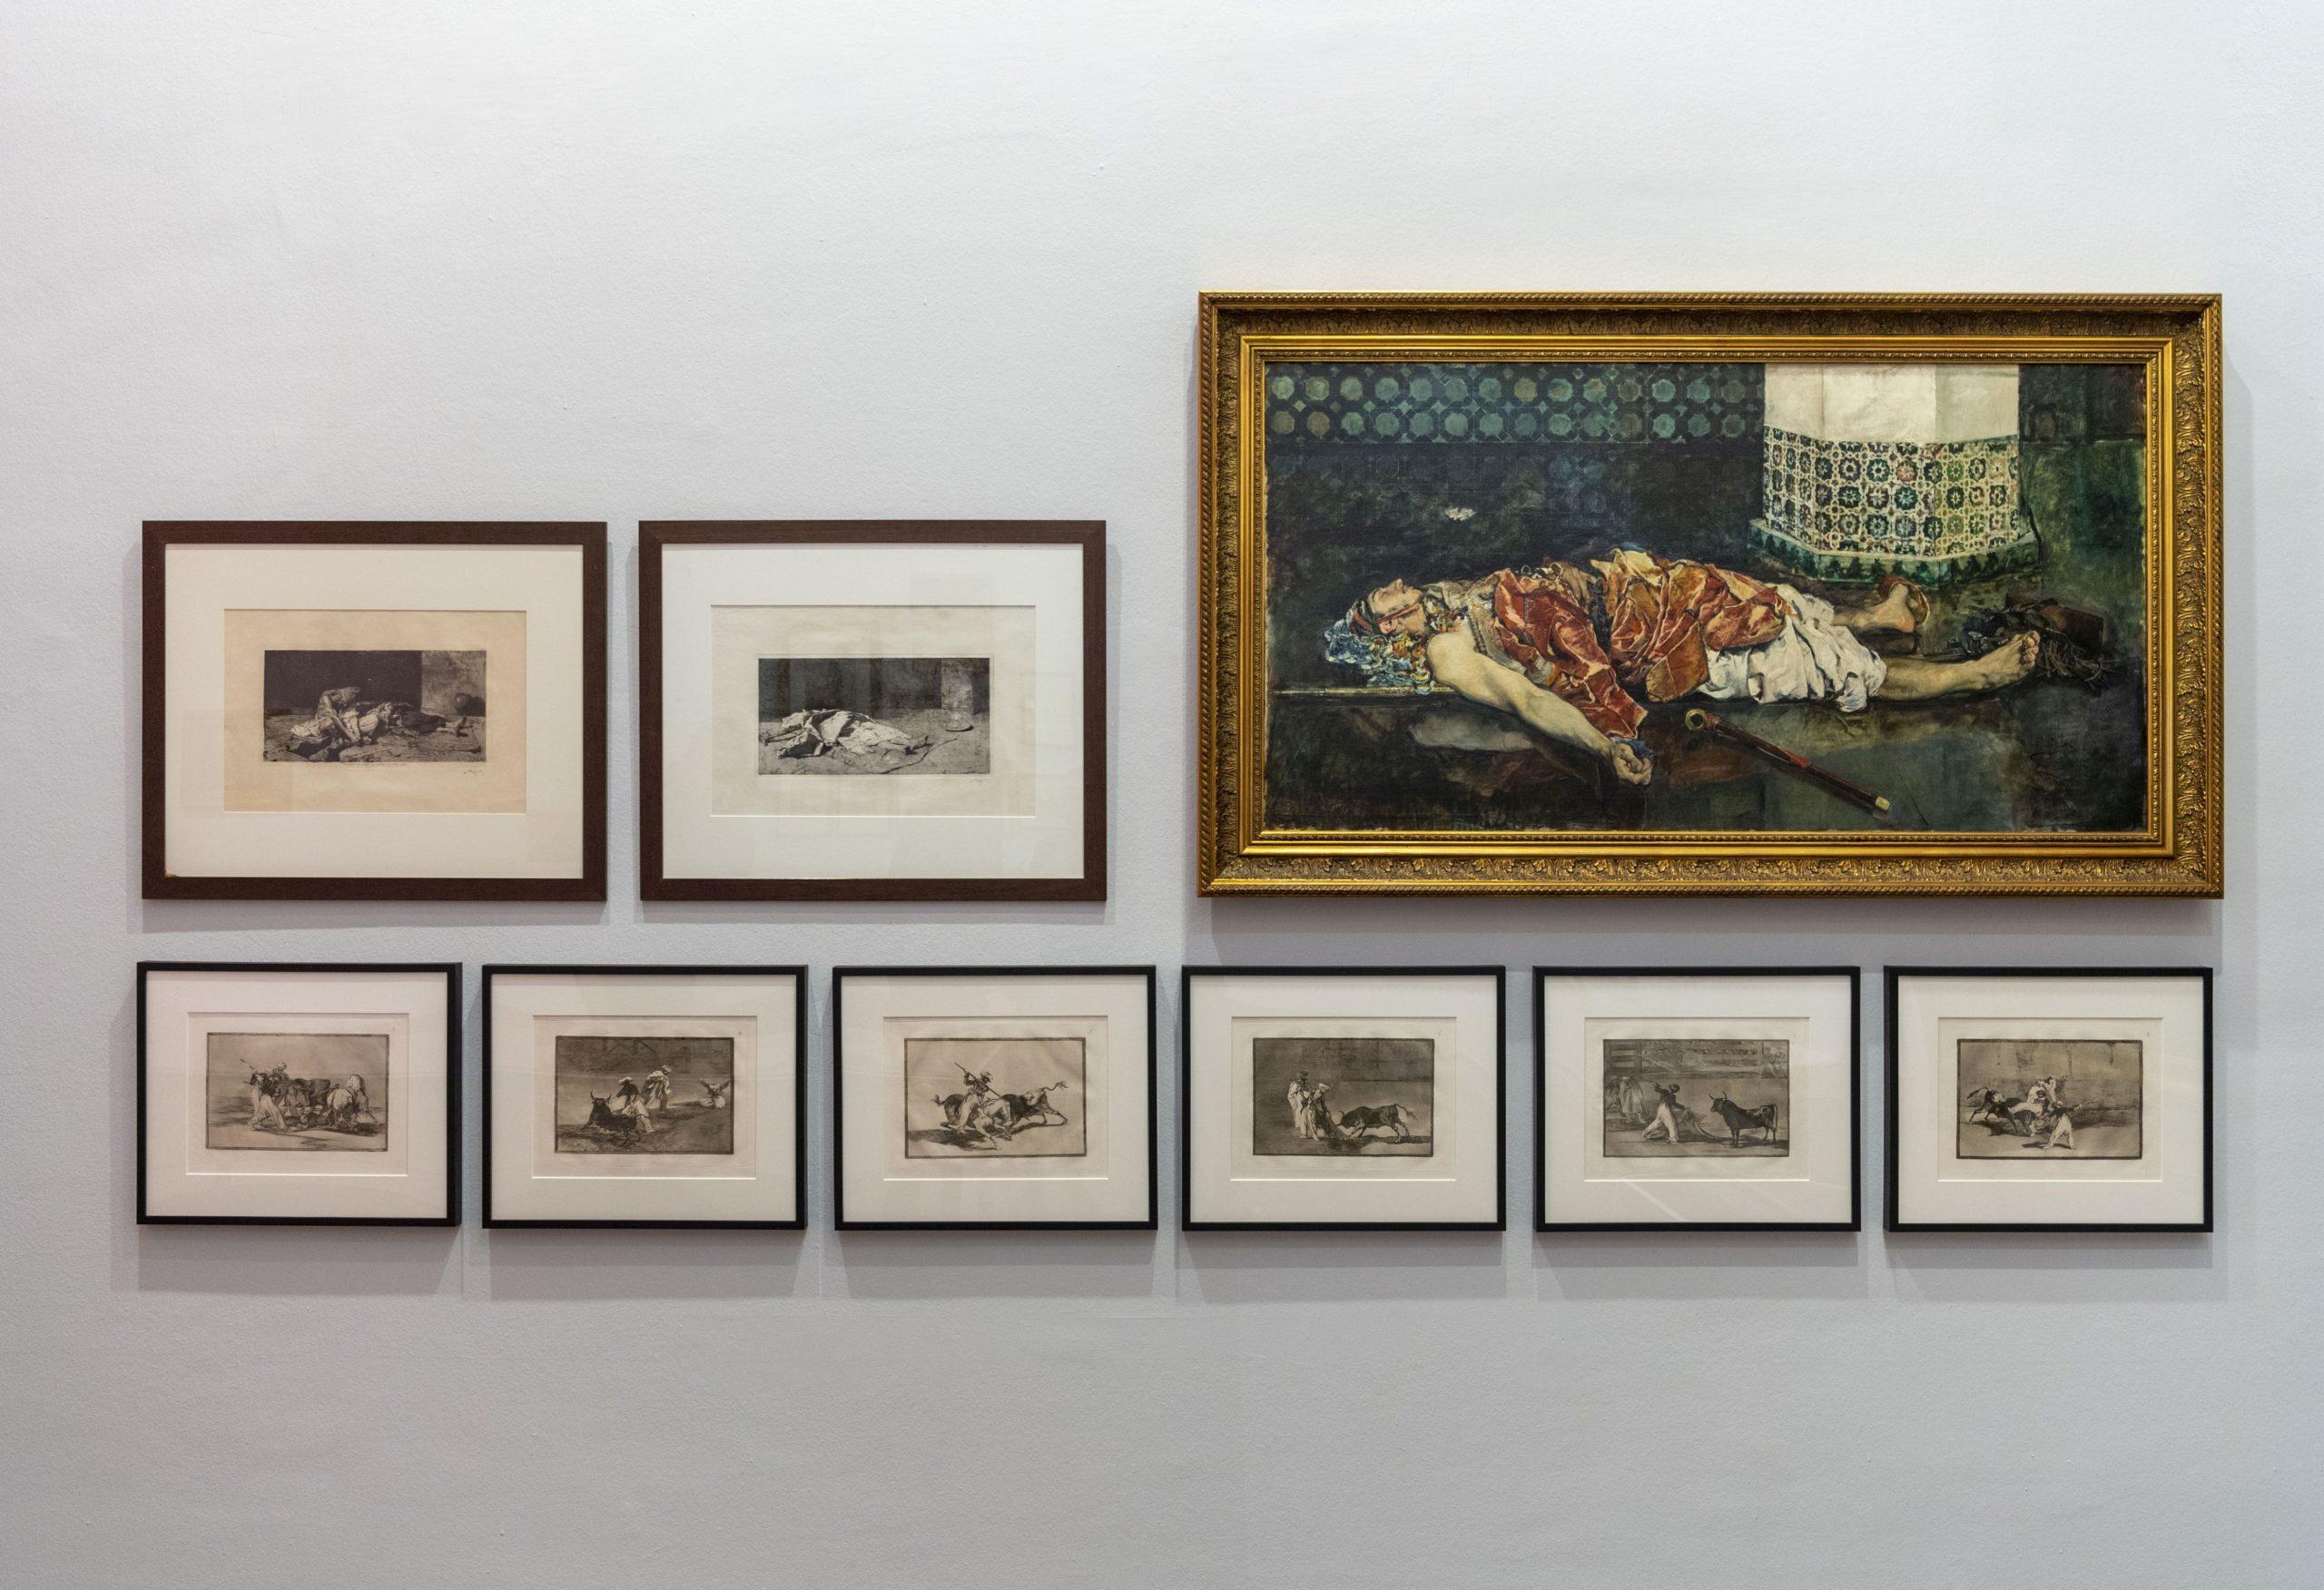 Dos obras de Mariano Fortuny dialogan con seis piezas de la serie Tauromaquia de Goya y una pintura del valenciano Emilio Sala scaled